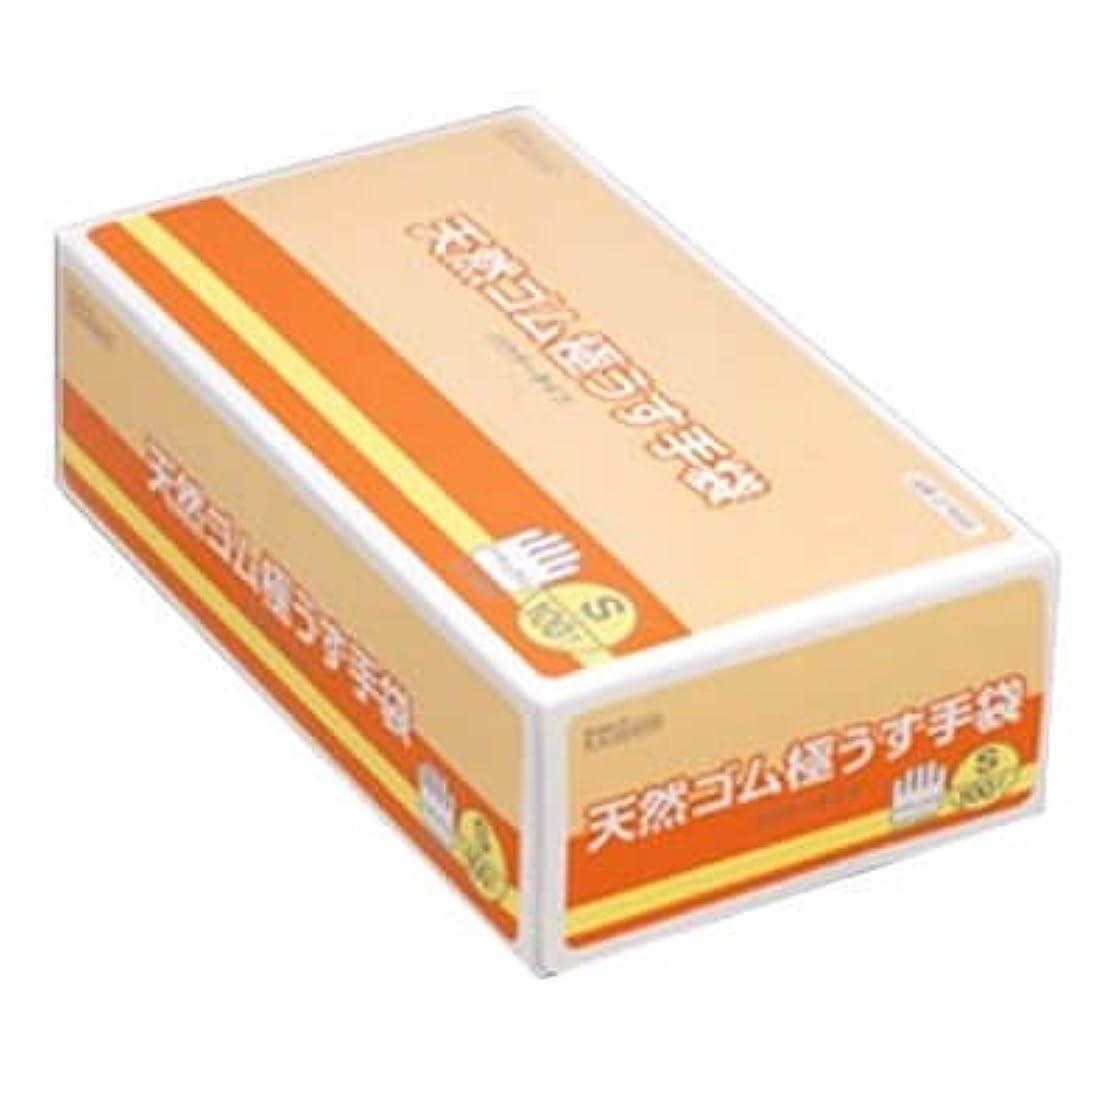 励起特に前投薬【ケース販売】 ダンロップ 天然ゴム極うす手袋 S ナチュラル (100枚入×20箱)